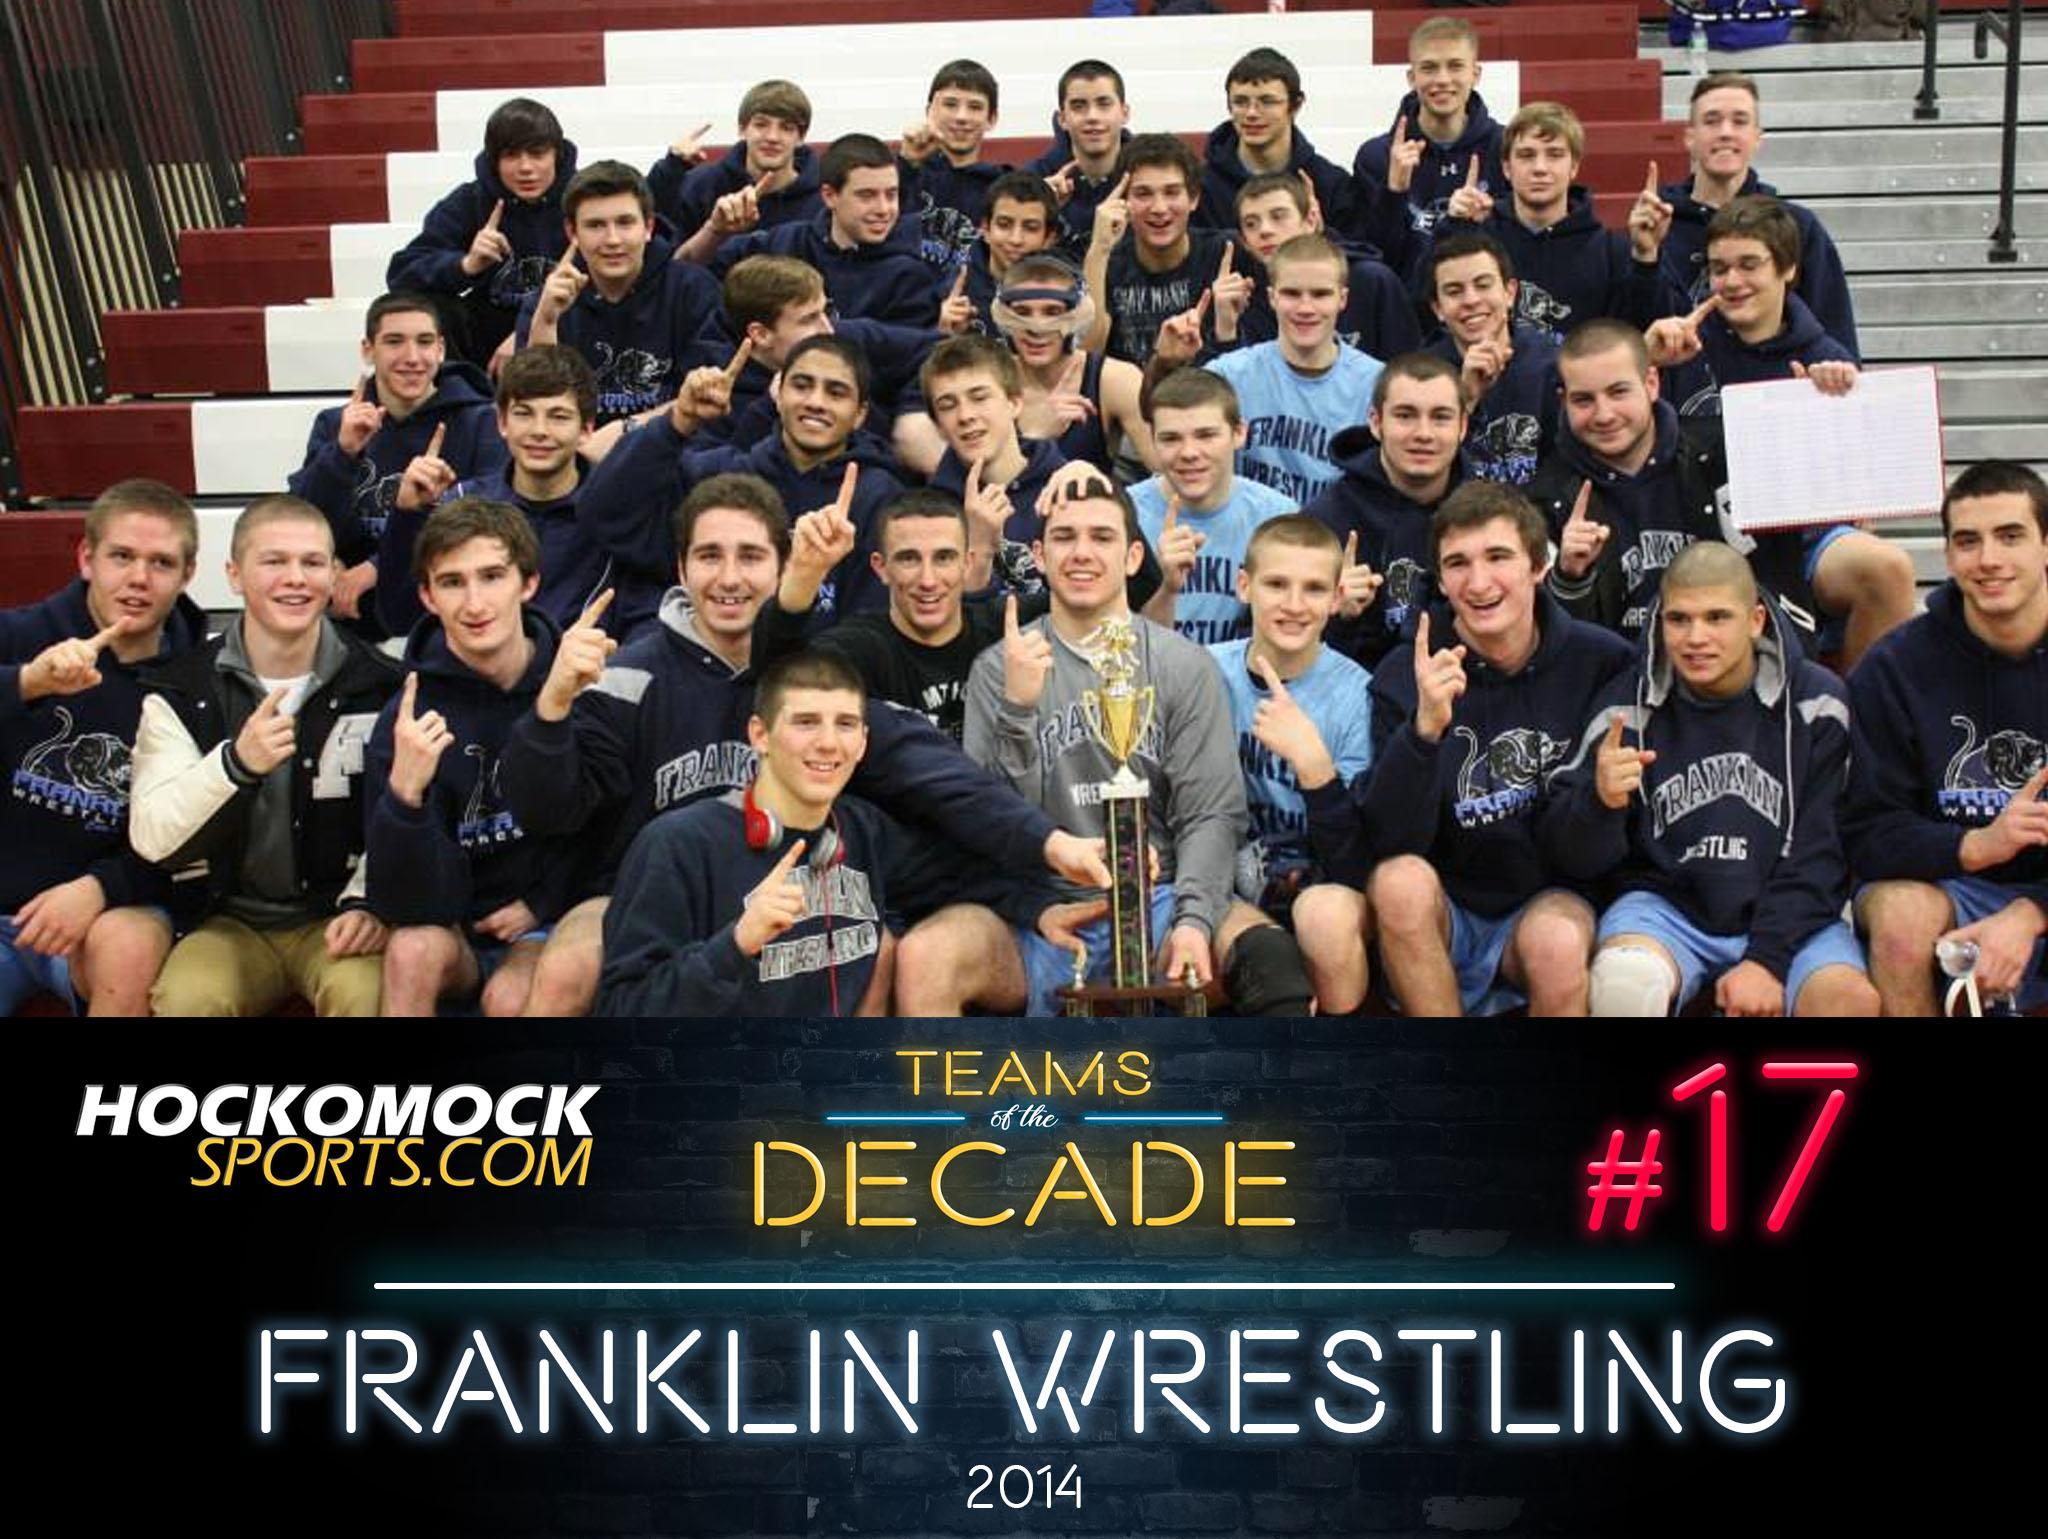 Franklin wrestling